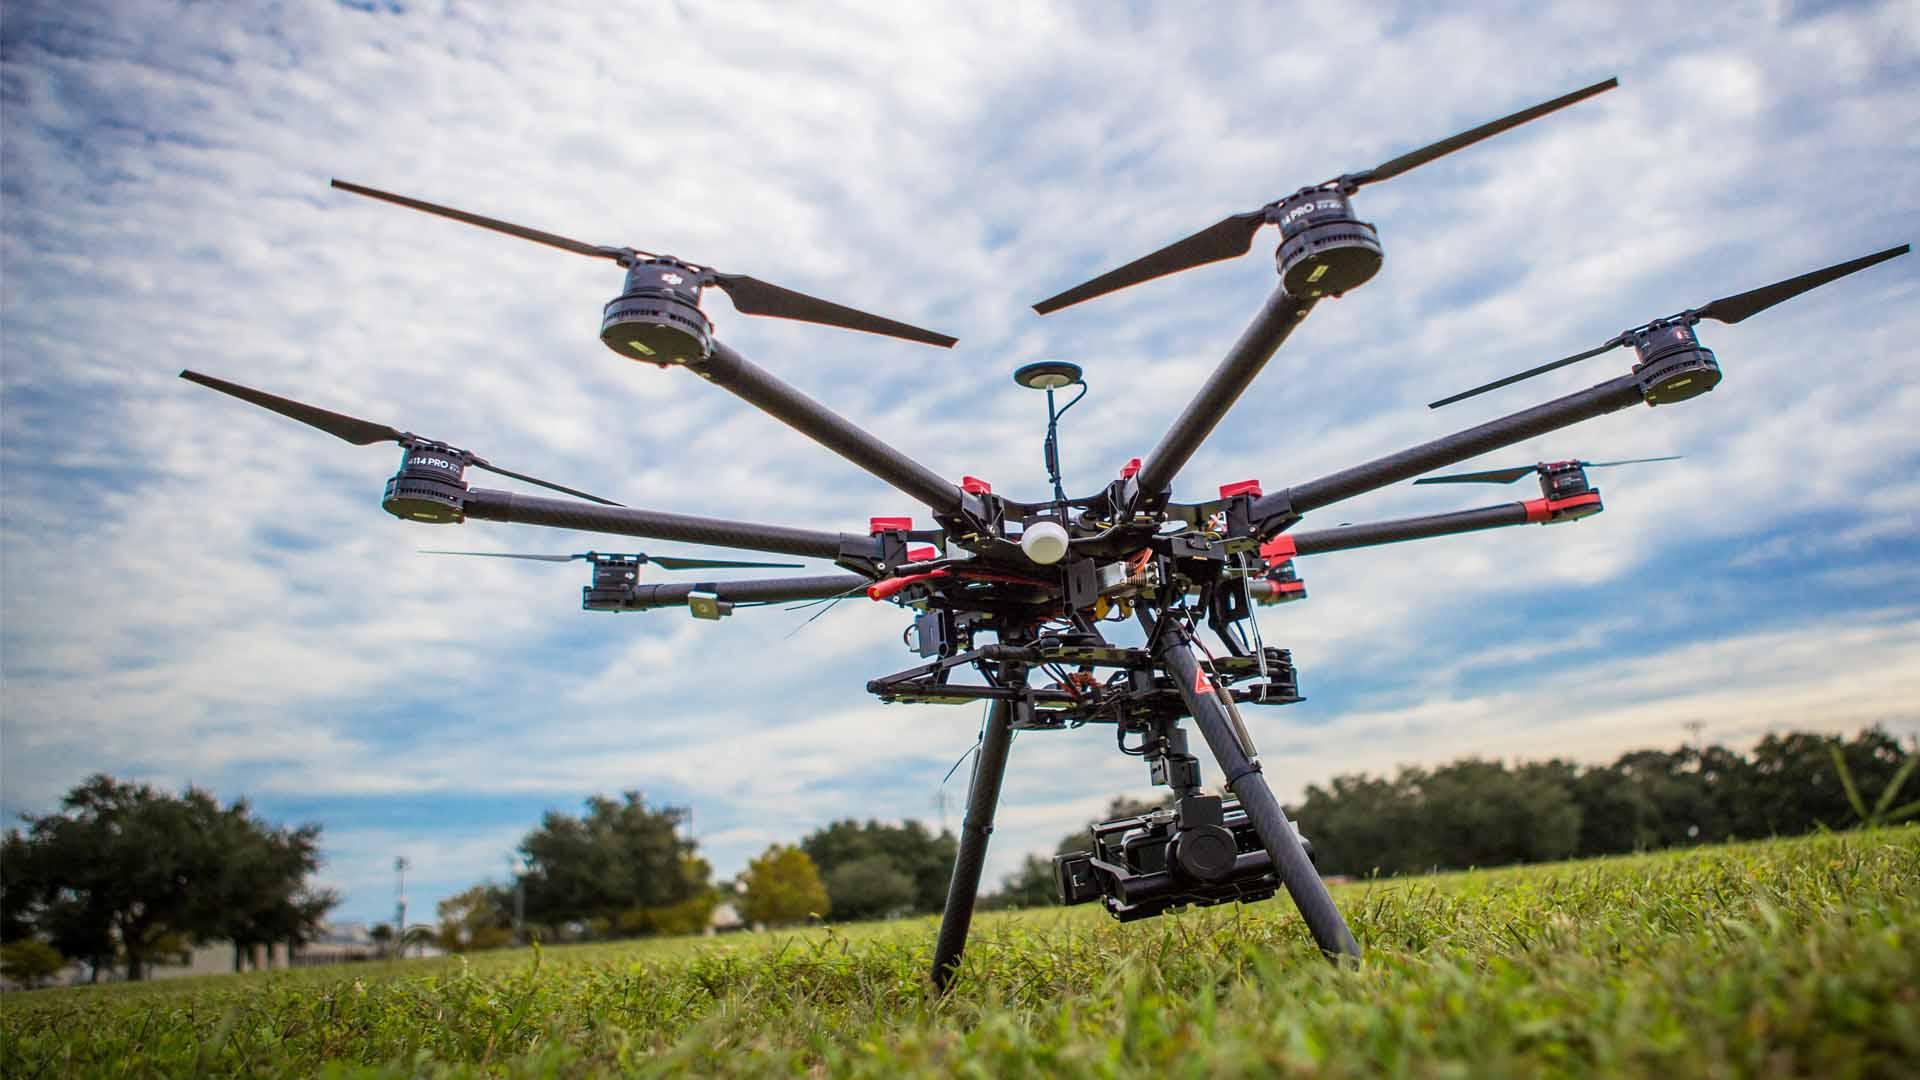 Drony, bezpilotné lietadlá 21. storočia. Tu je o nich pár faktov!